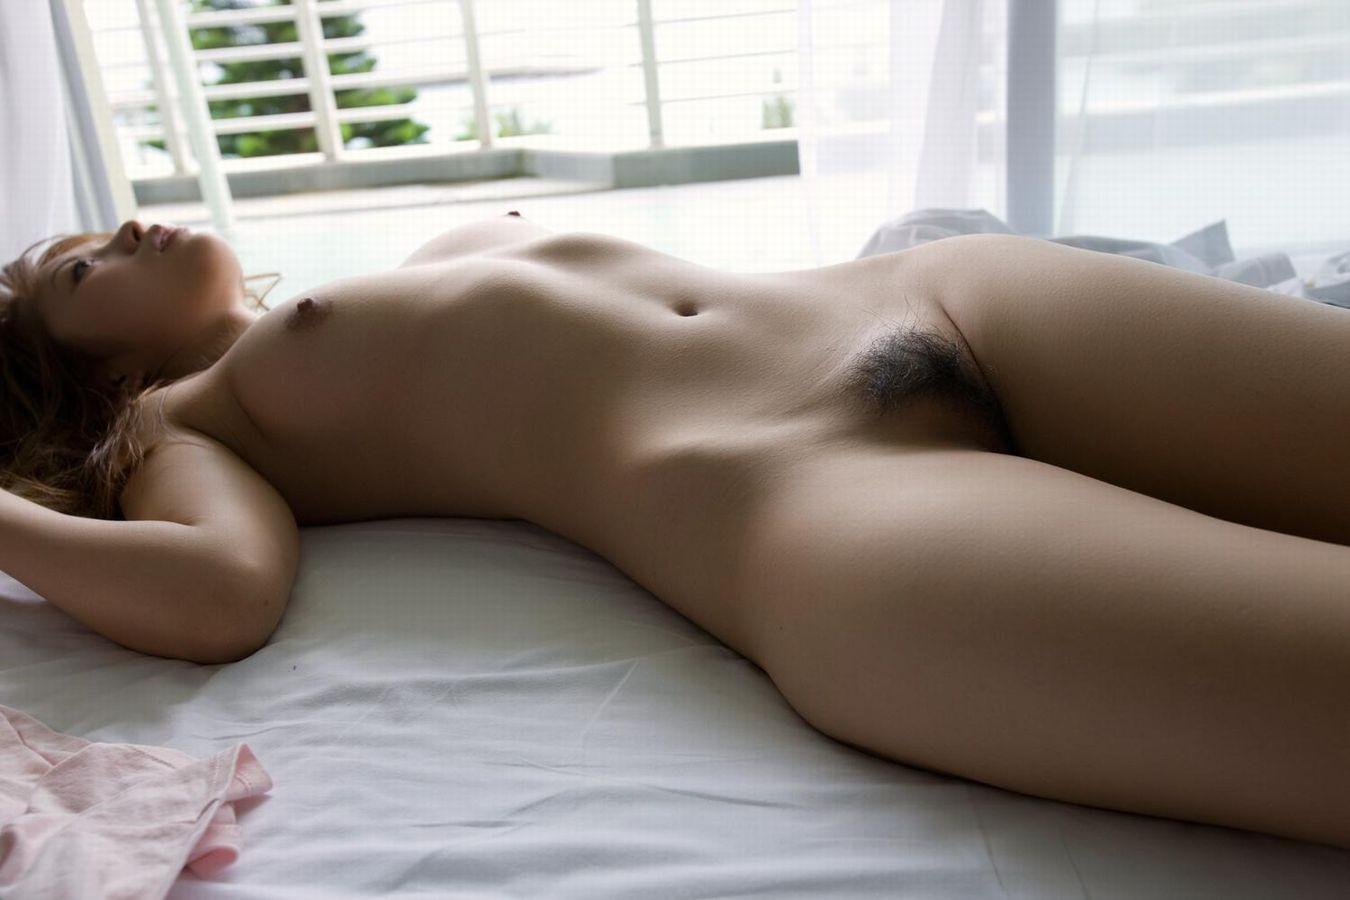 【裸体エロ画像】隣の部屋にいたら行くでしょ!据え膳状態な全裸美女たちwww 23